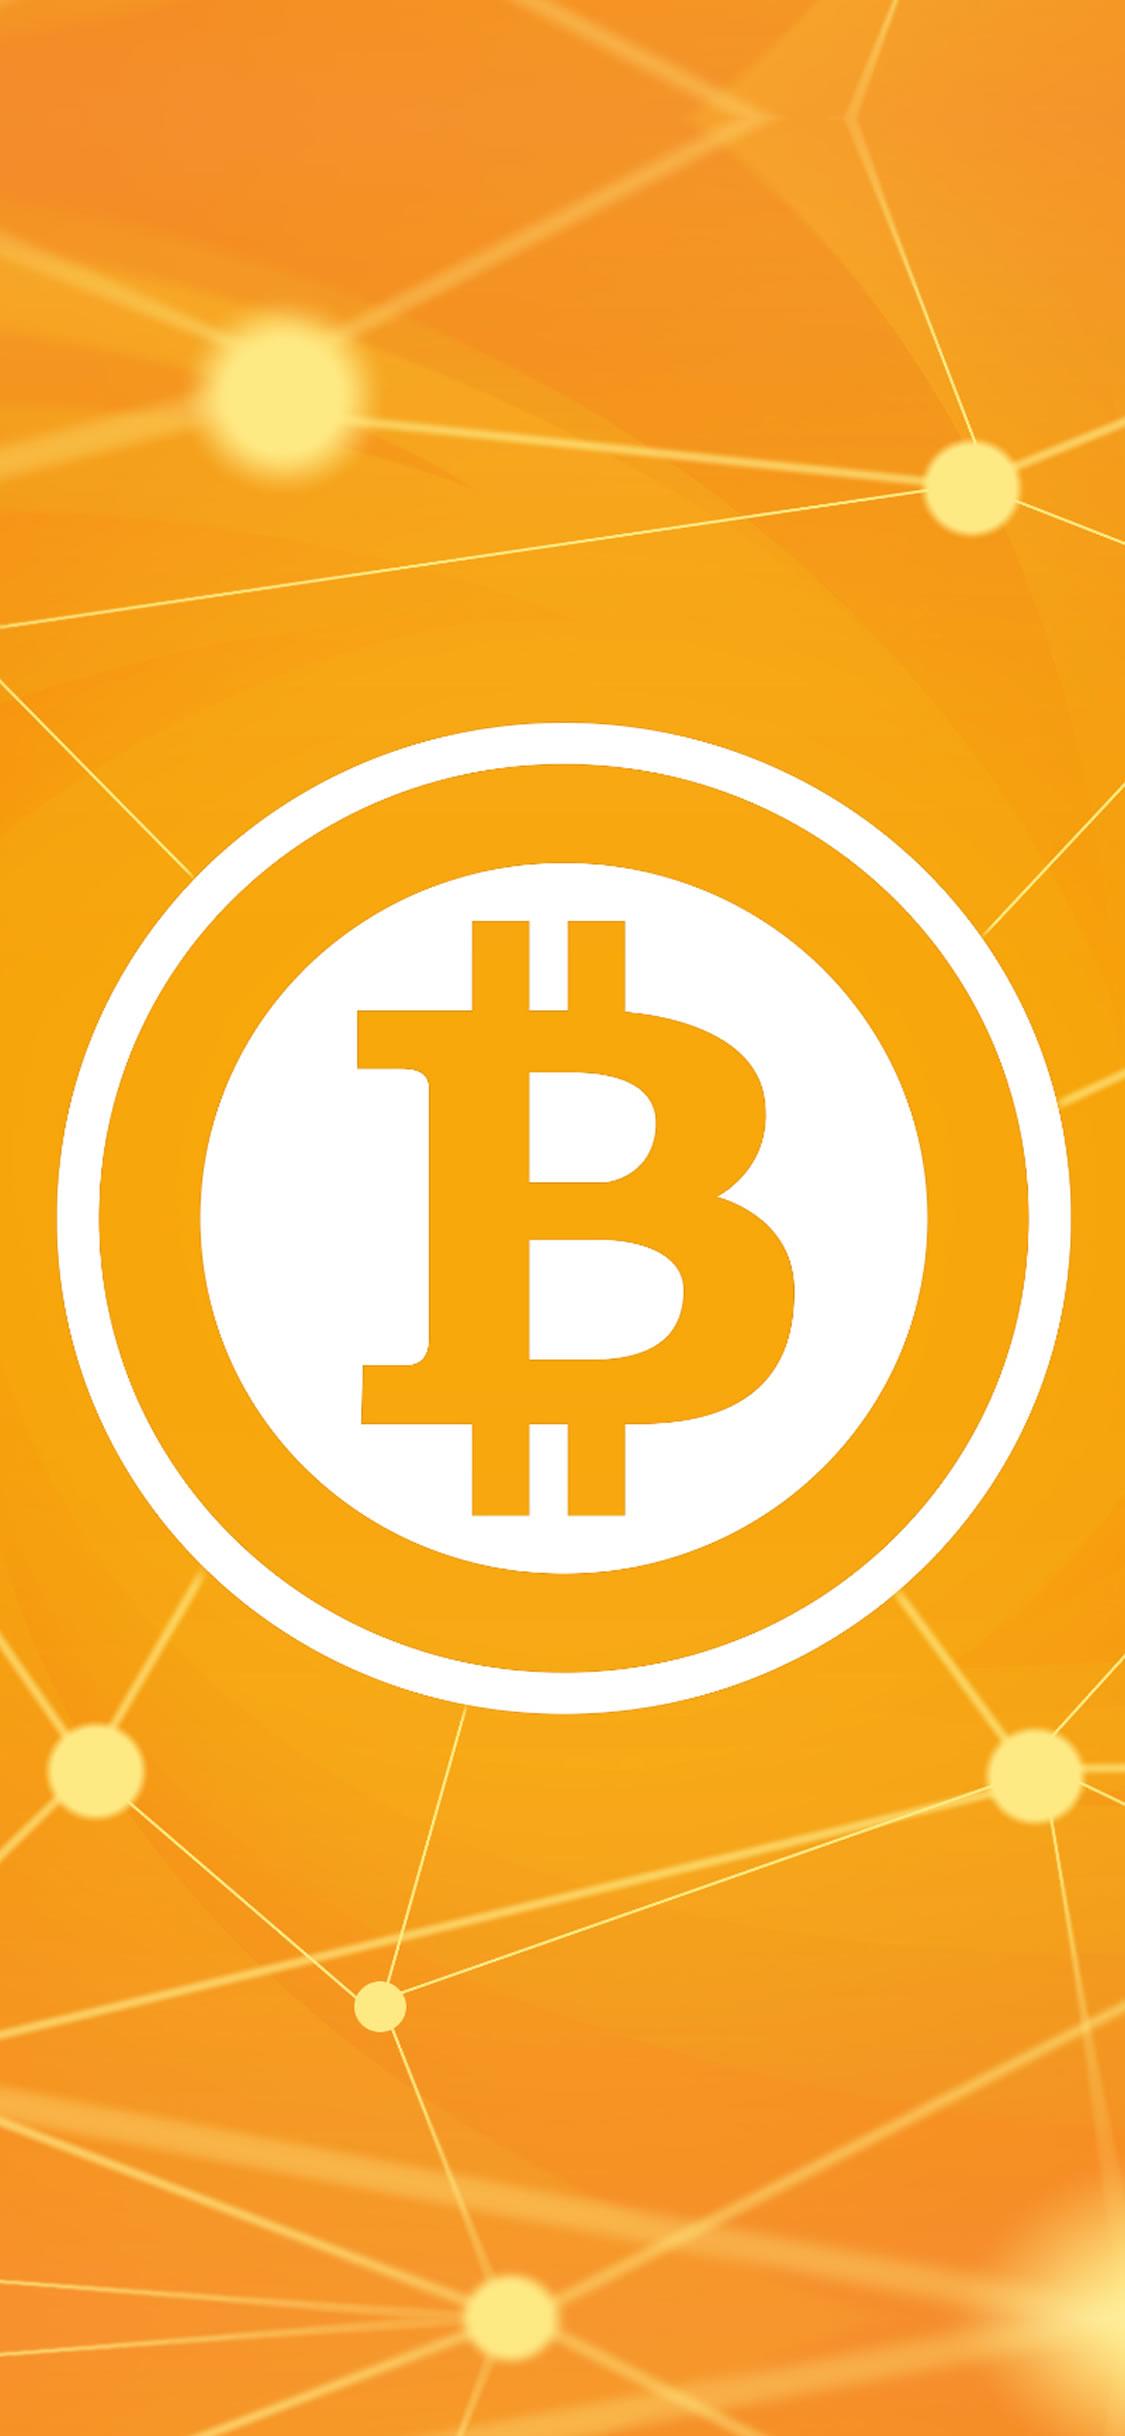 ビットコイン壁紙